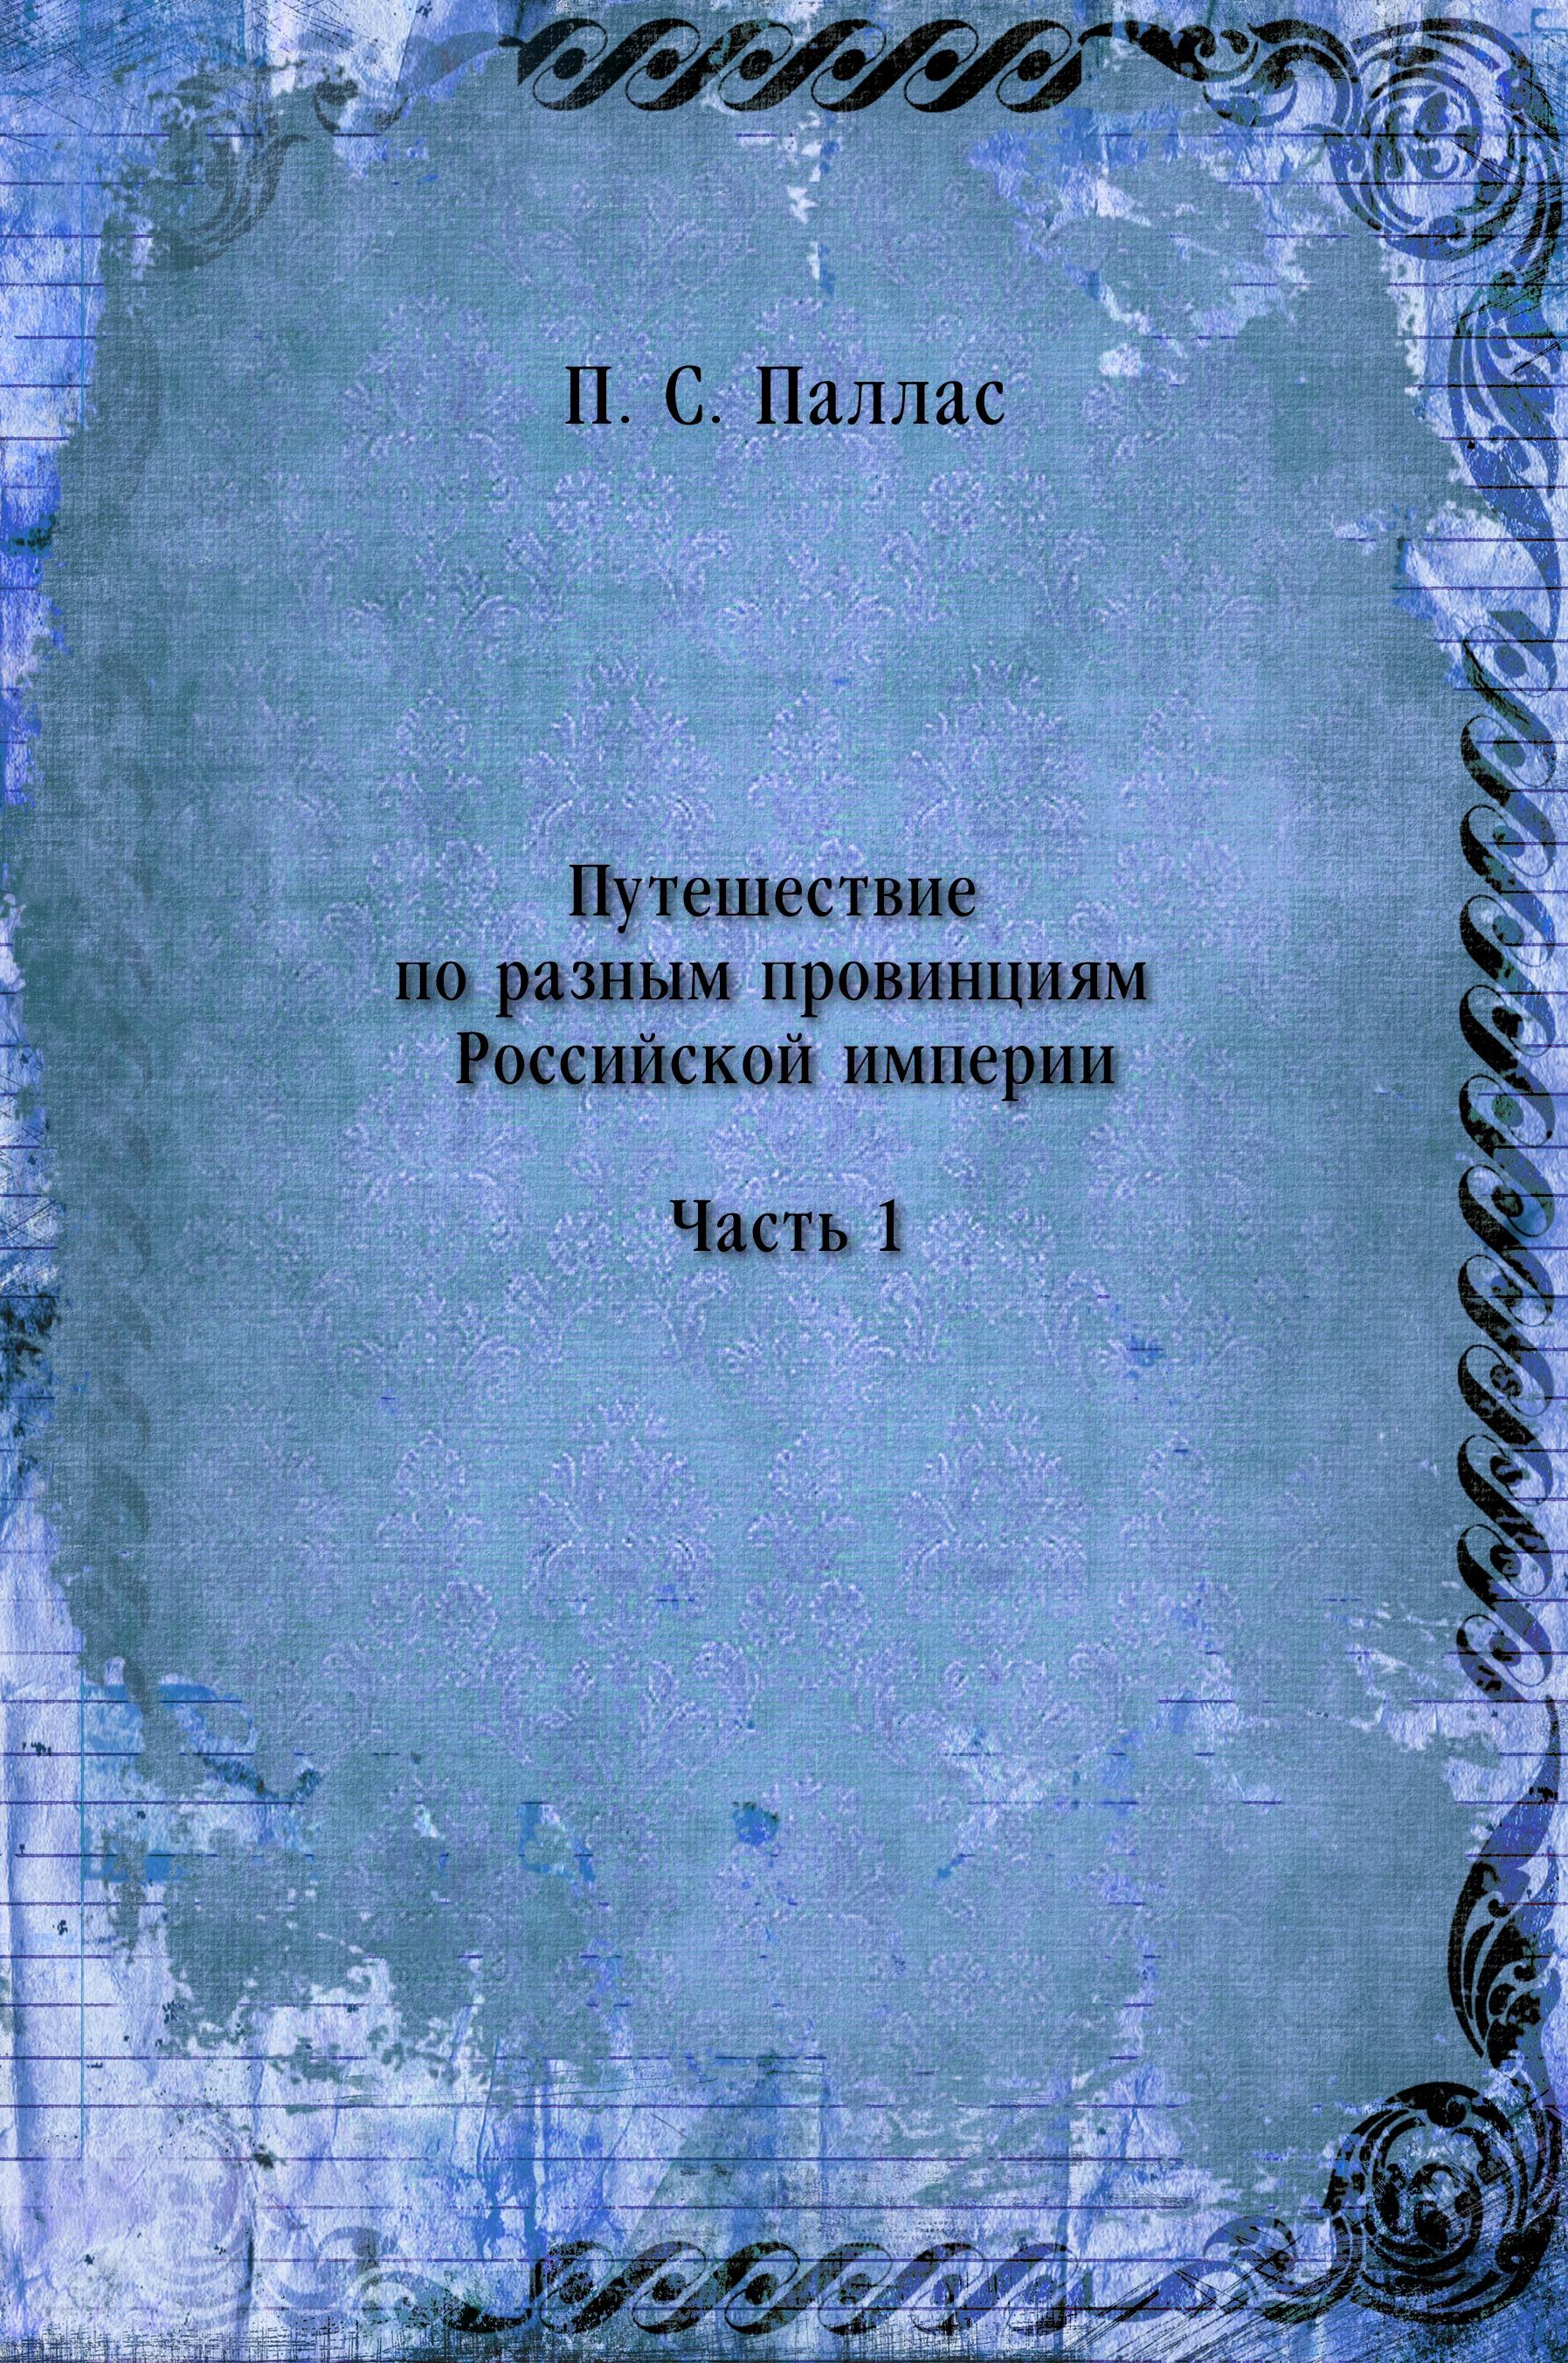 П.С. Паллас Путешествие по разным провинциям Российской империи. Часть 1 отсутствует регламент императорской академии наук и художеств в санктпетербурге